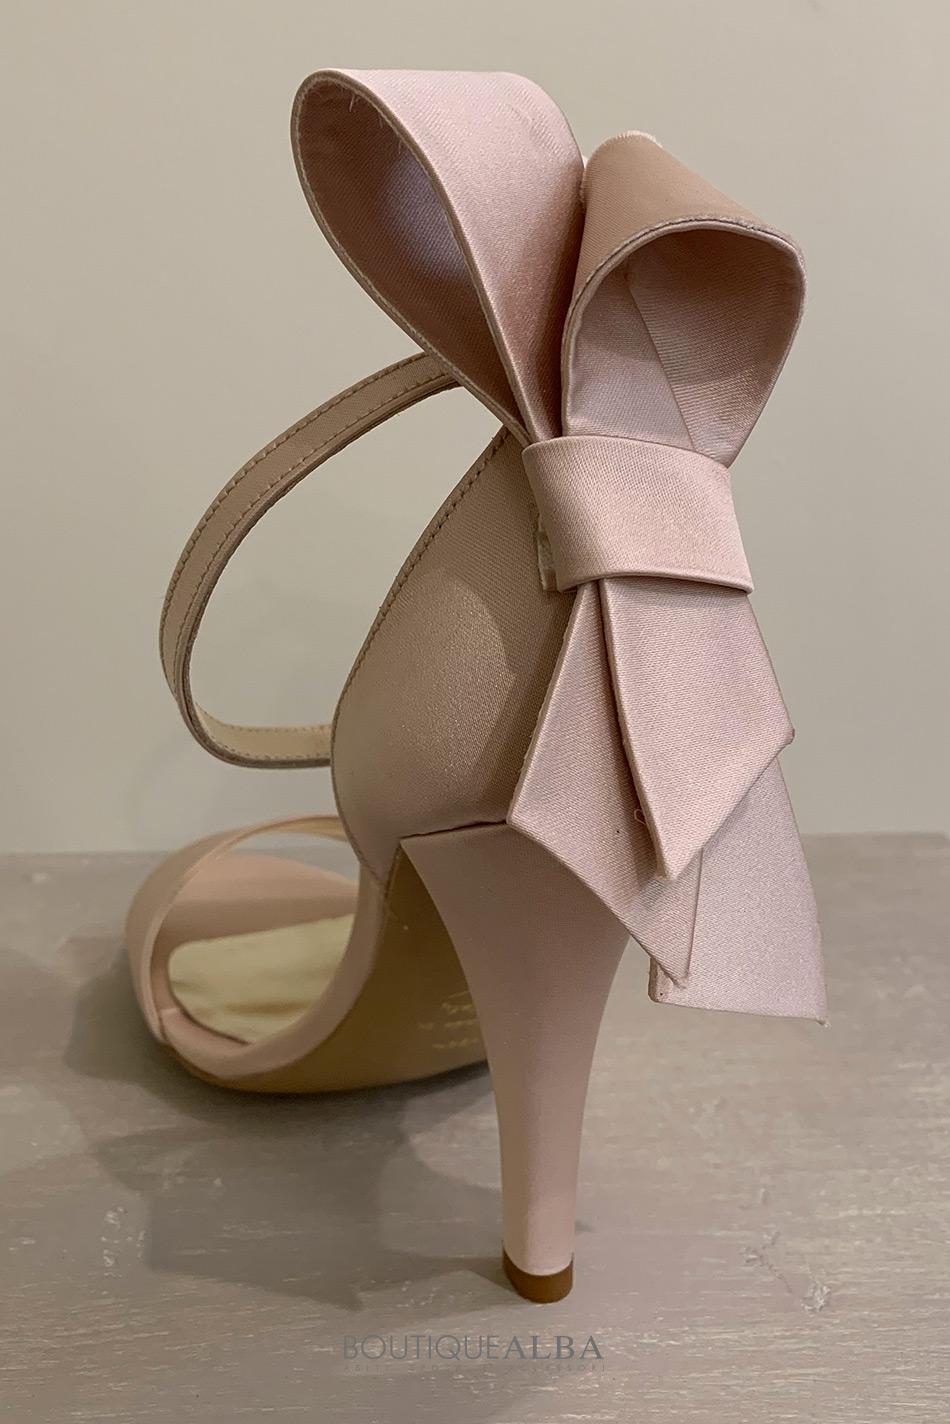 scarpe-sposa-boutique-alba-1016-raso-cipria-1016-1483-T105-76210-C